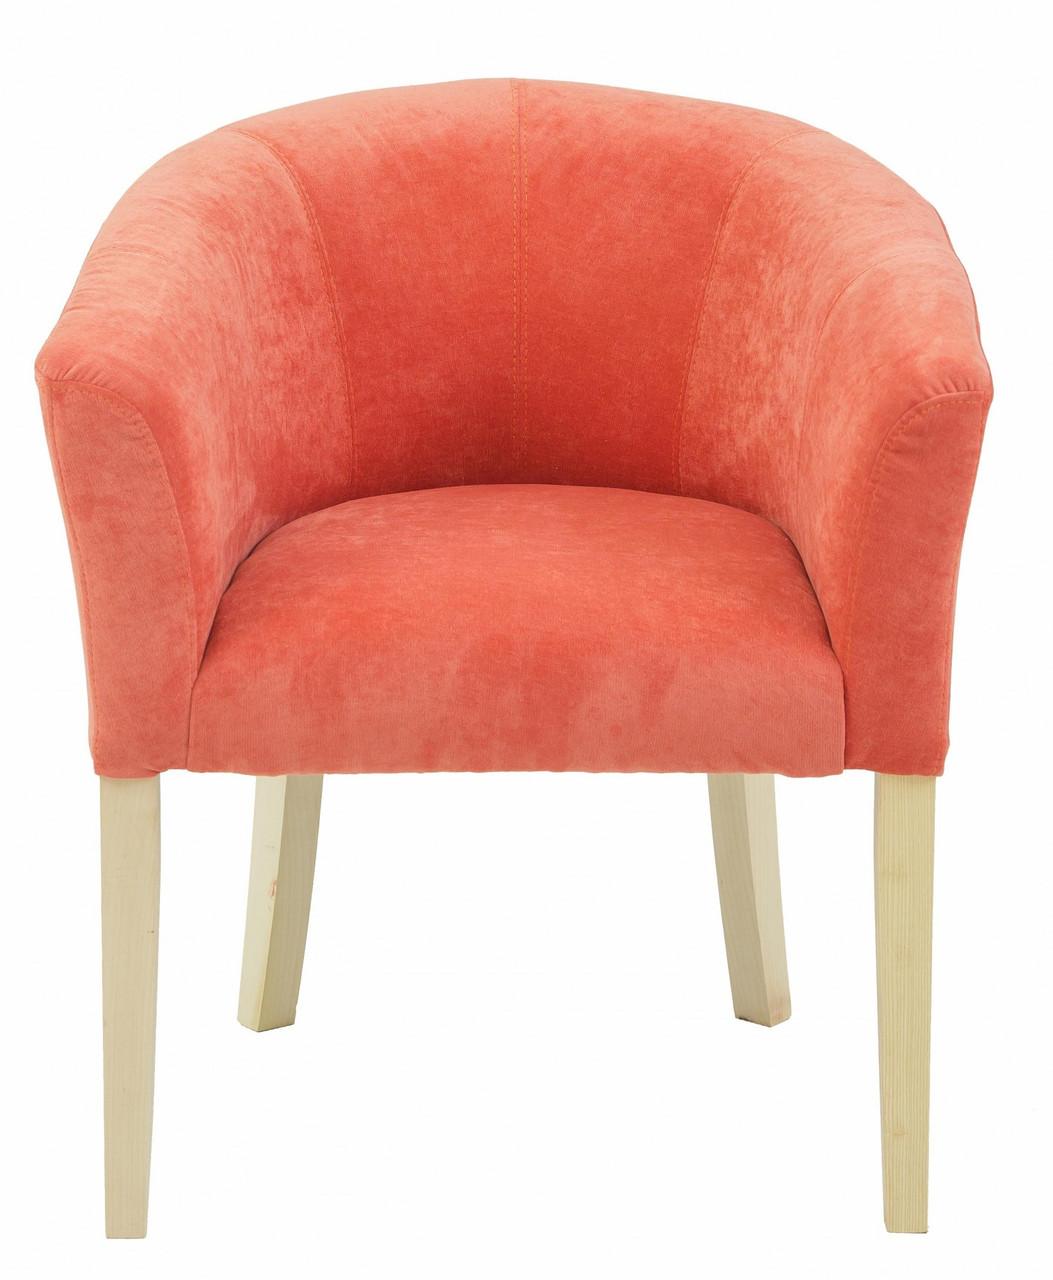 Кресло Richman Версаль 65 x 65 x 75H Кордрой 204 Оранжевое